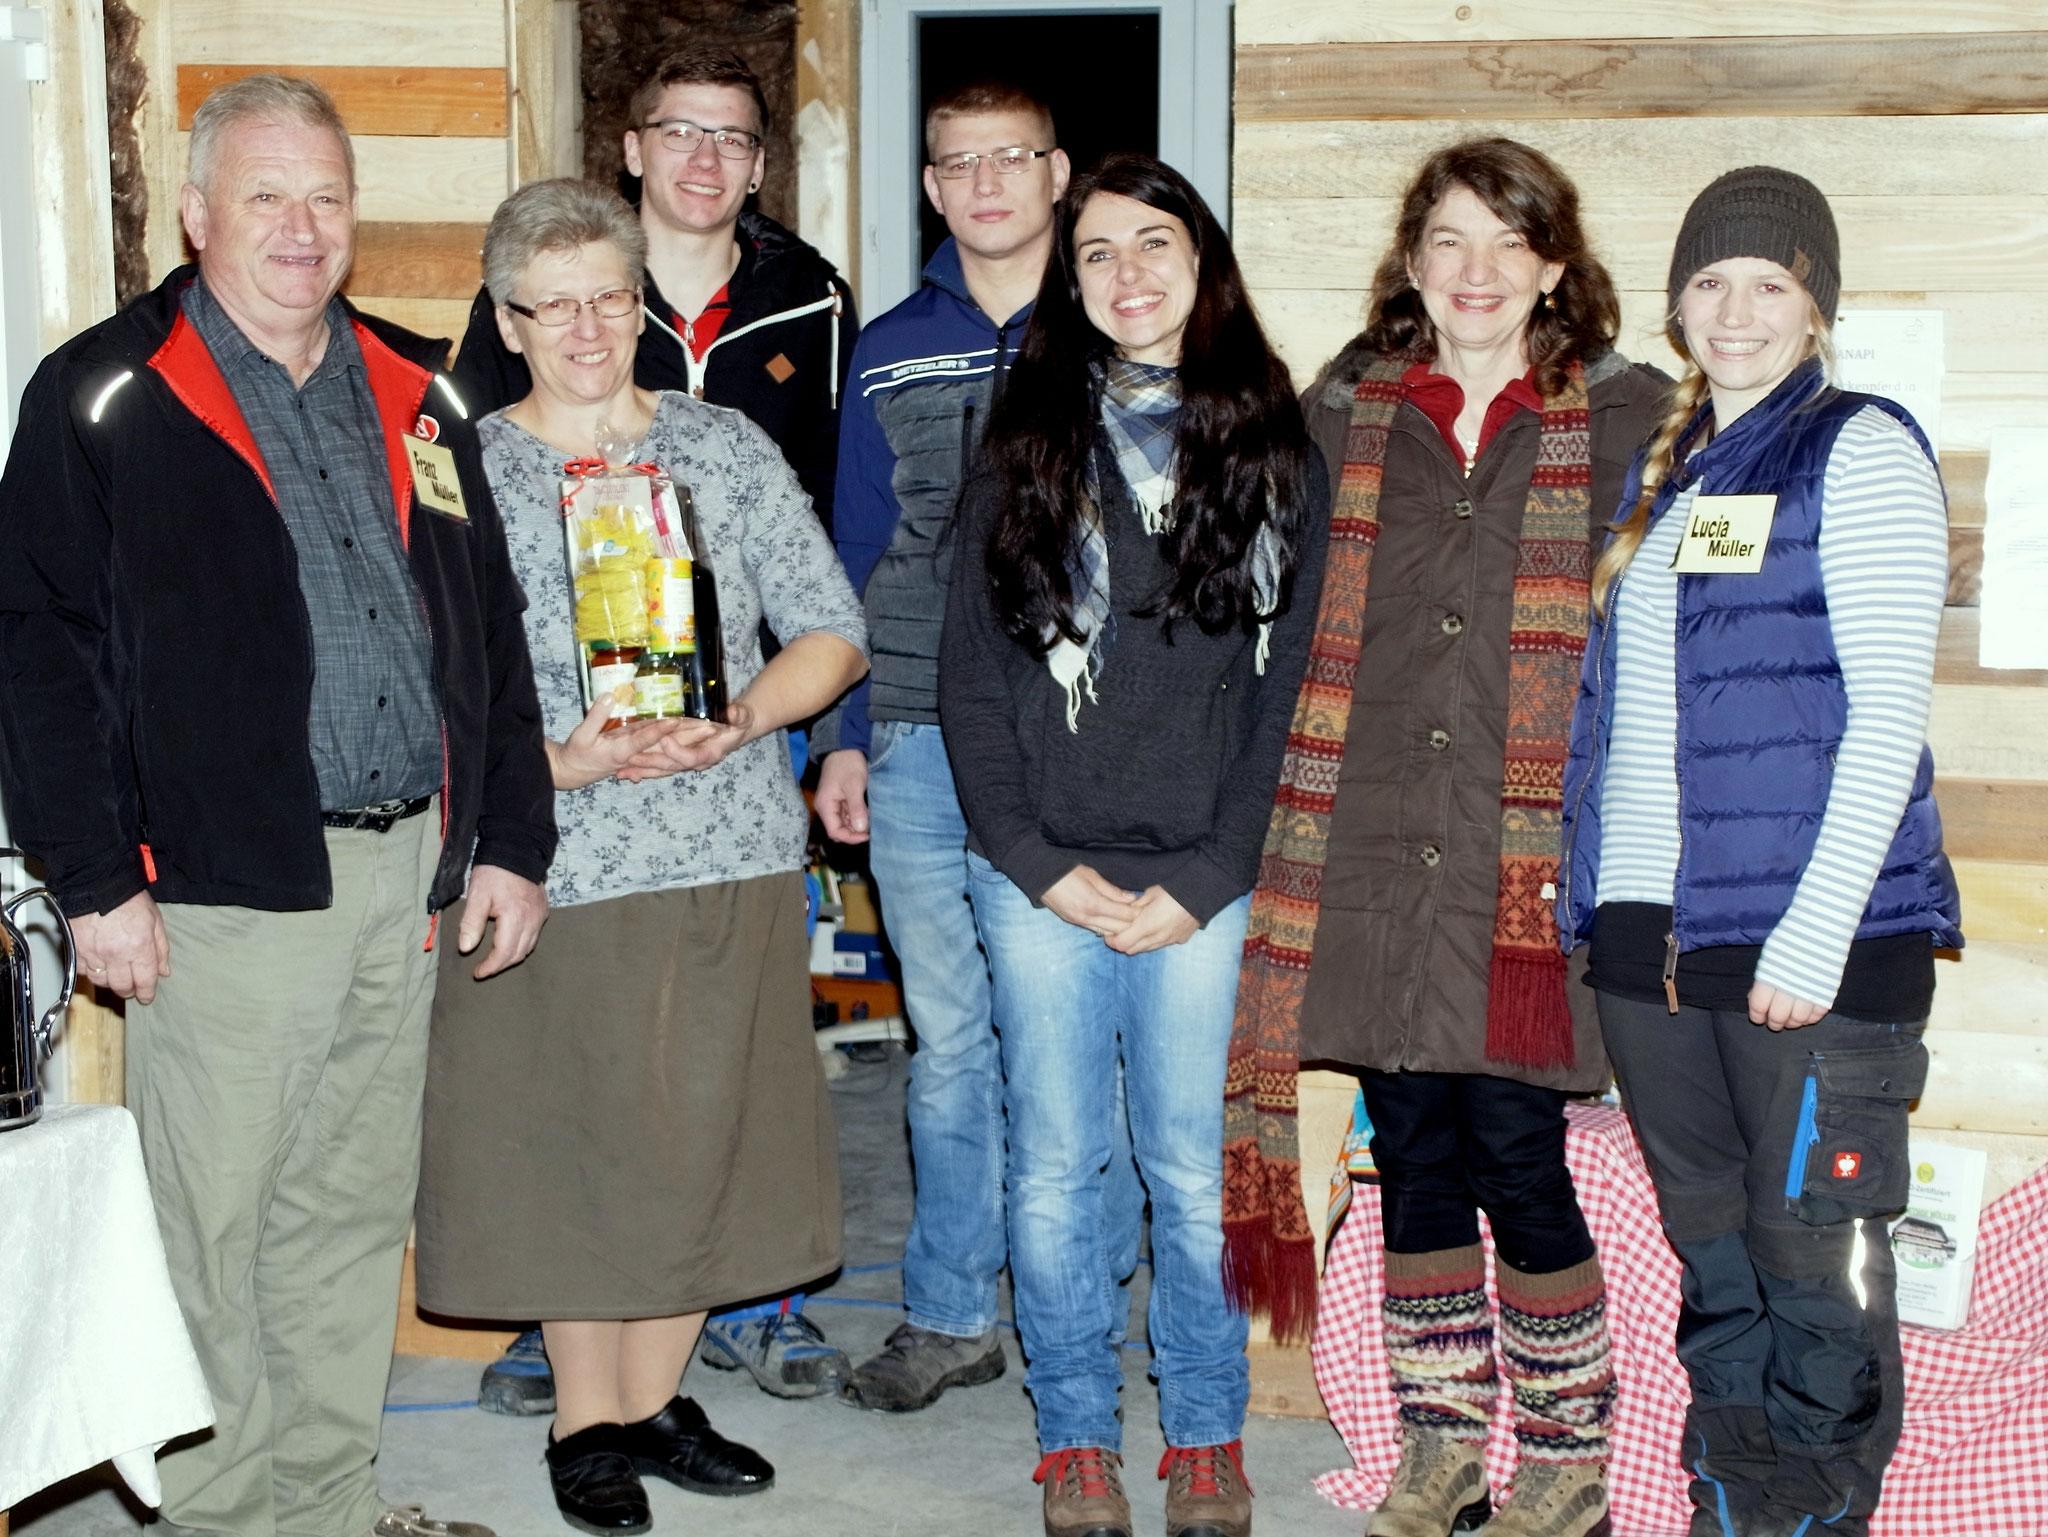 Vorstandsmitglied Karina Schöpf überreichte ein Geschenk des Kiebitz e.V. an die Familie Müller.